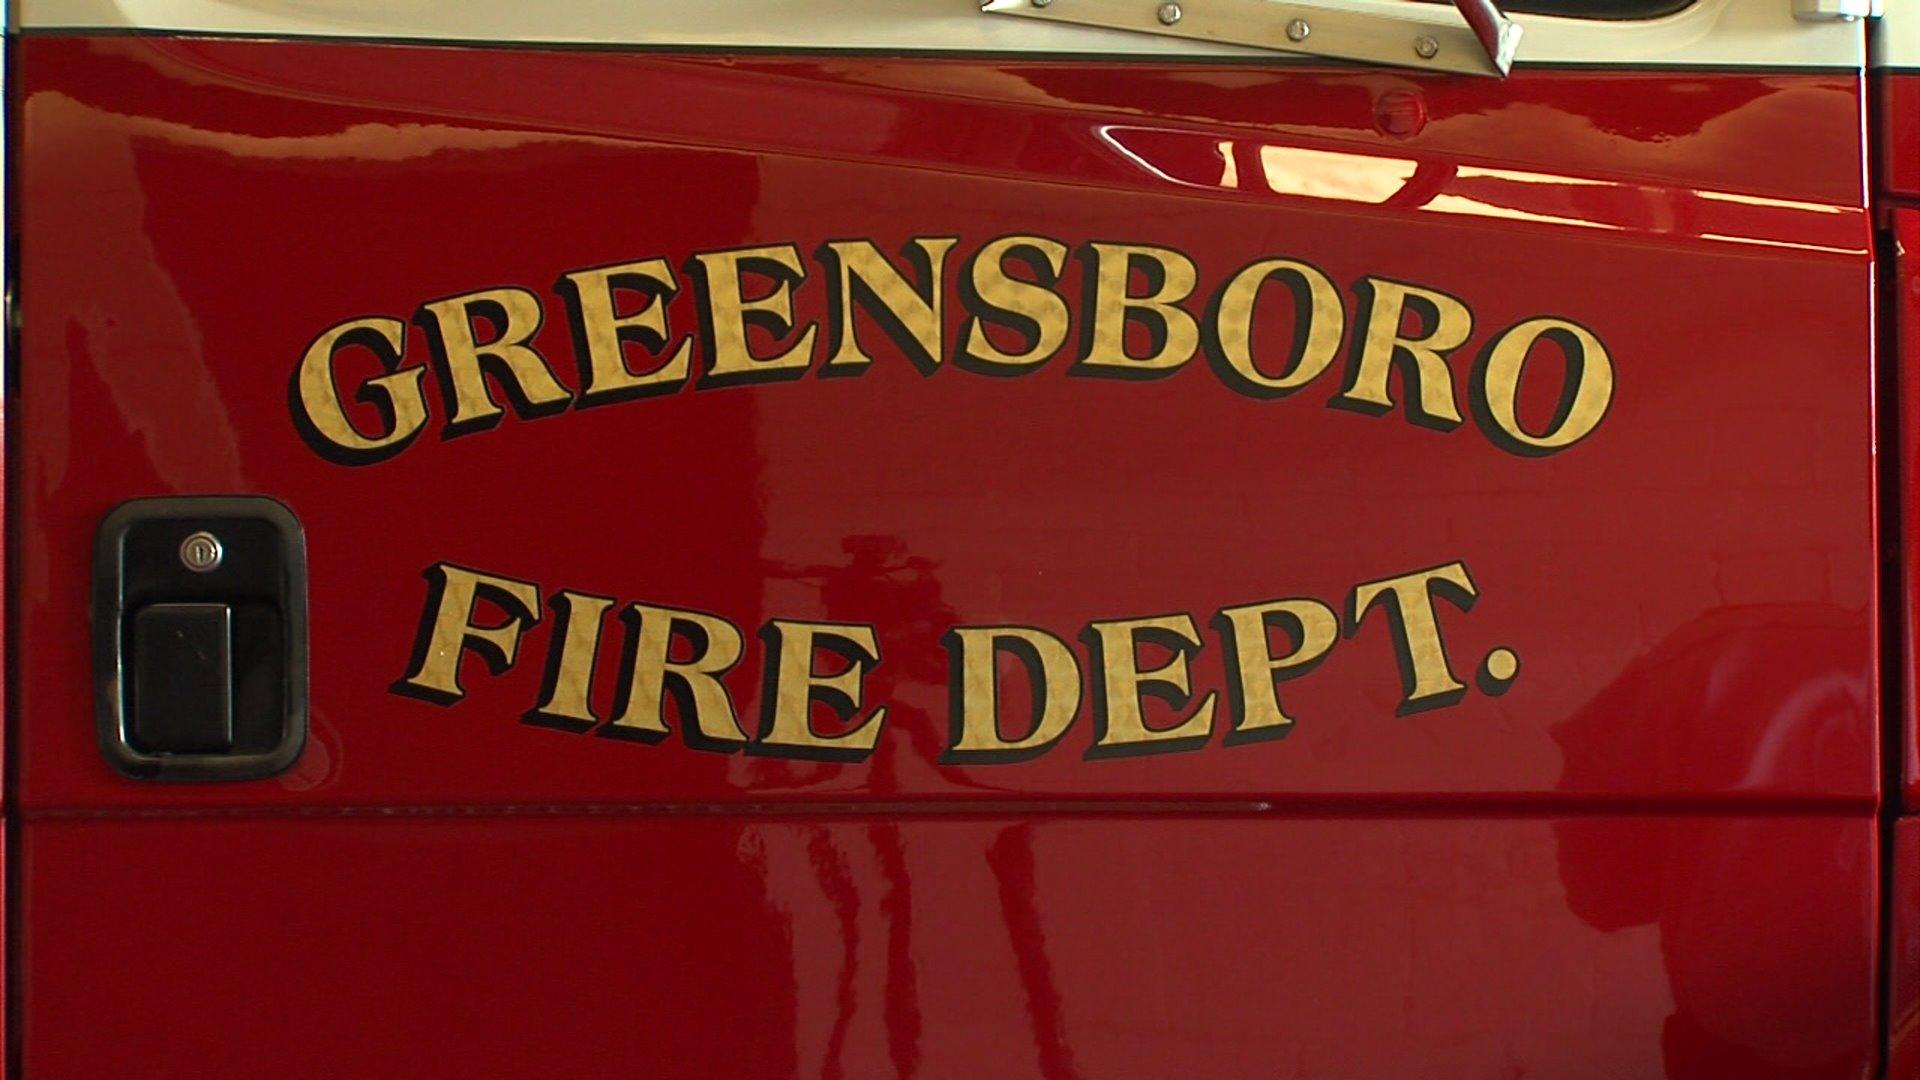 Greensboro Fire Department (WGHP file photo)